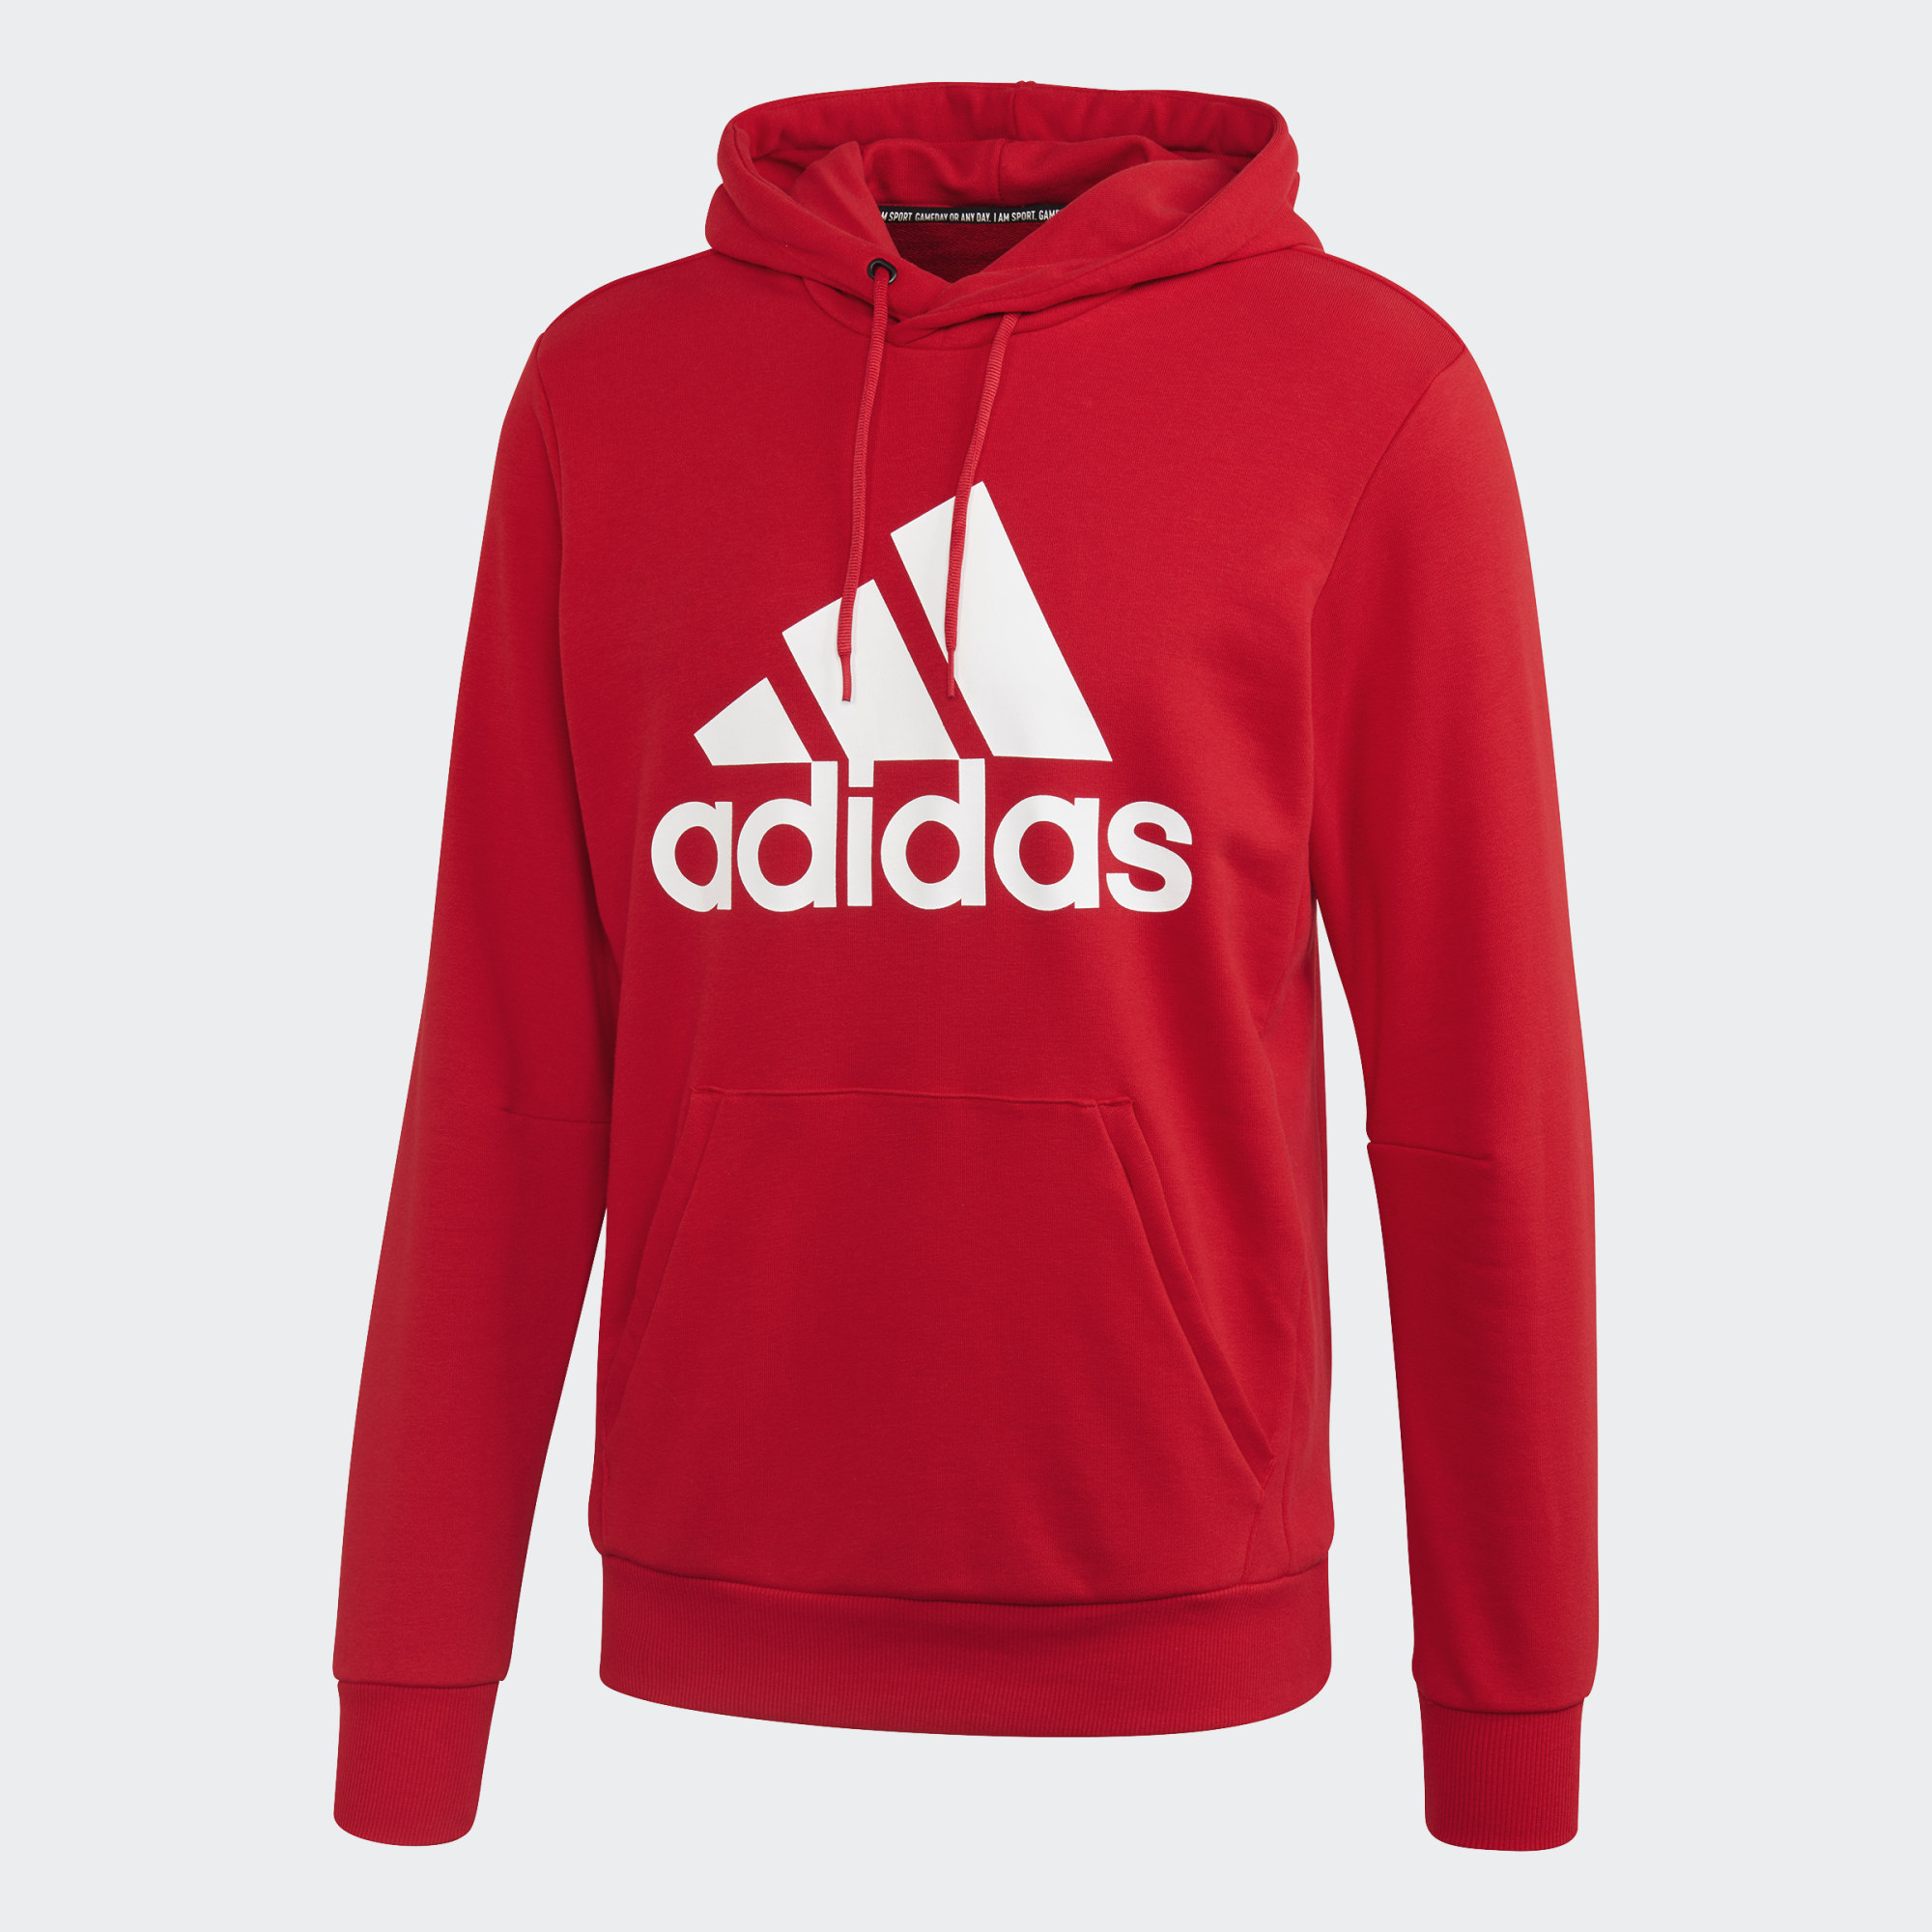 Adidas FELPA CON CAPPUCCIO MUST HAVES BADGE OF SPORT